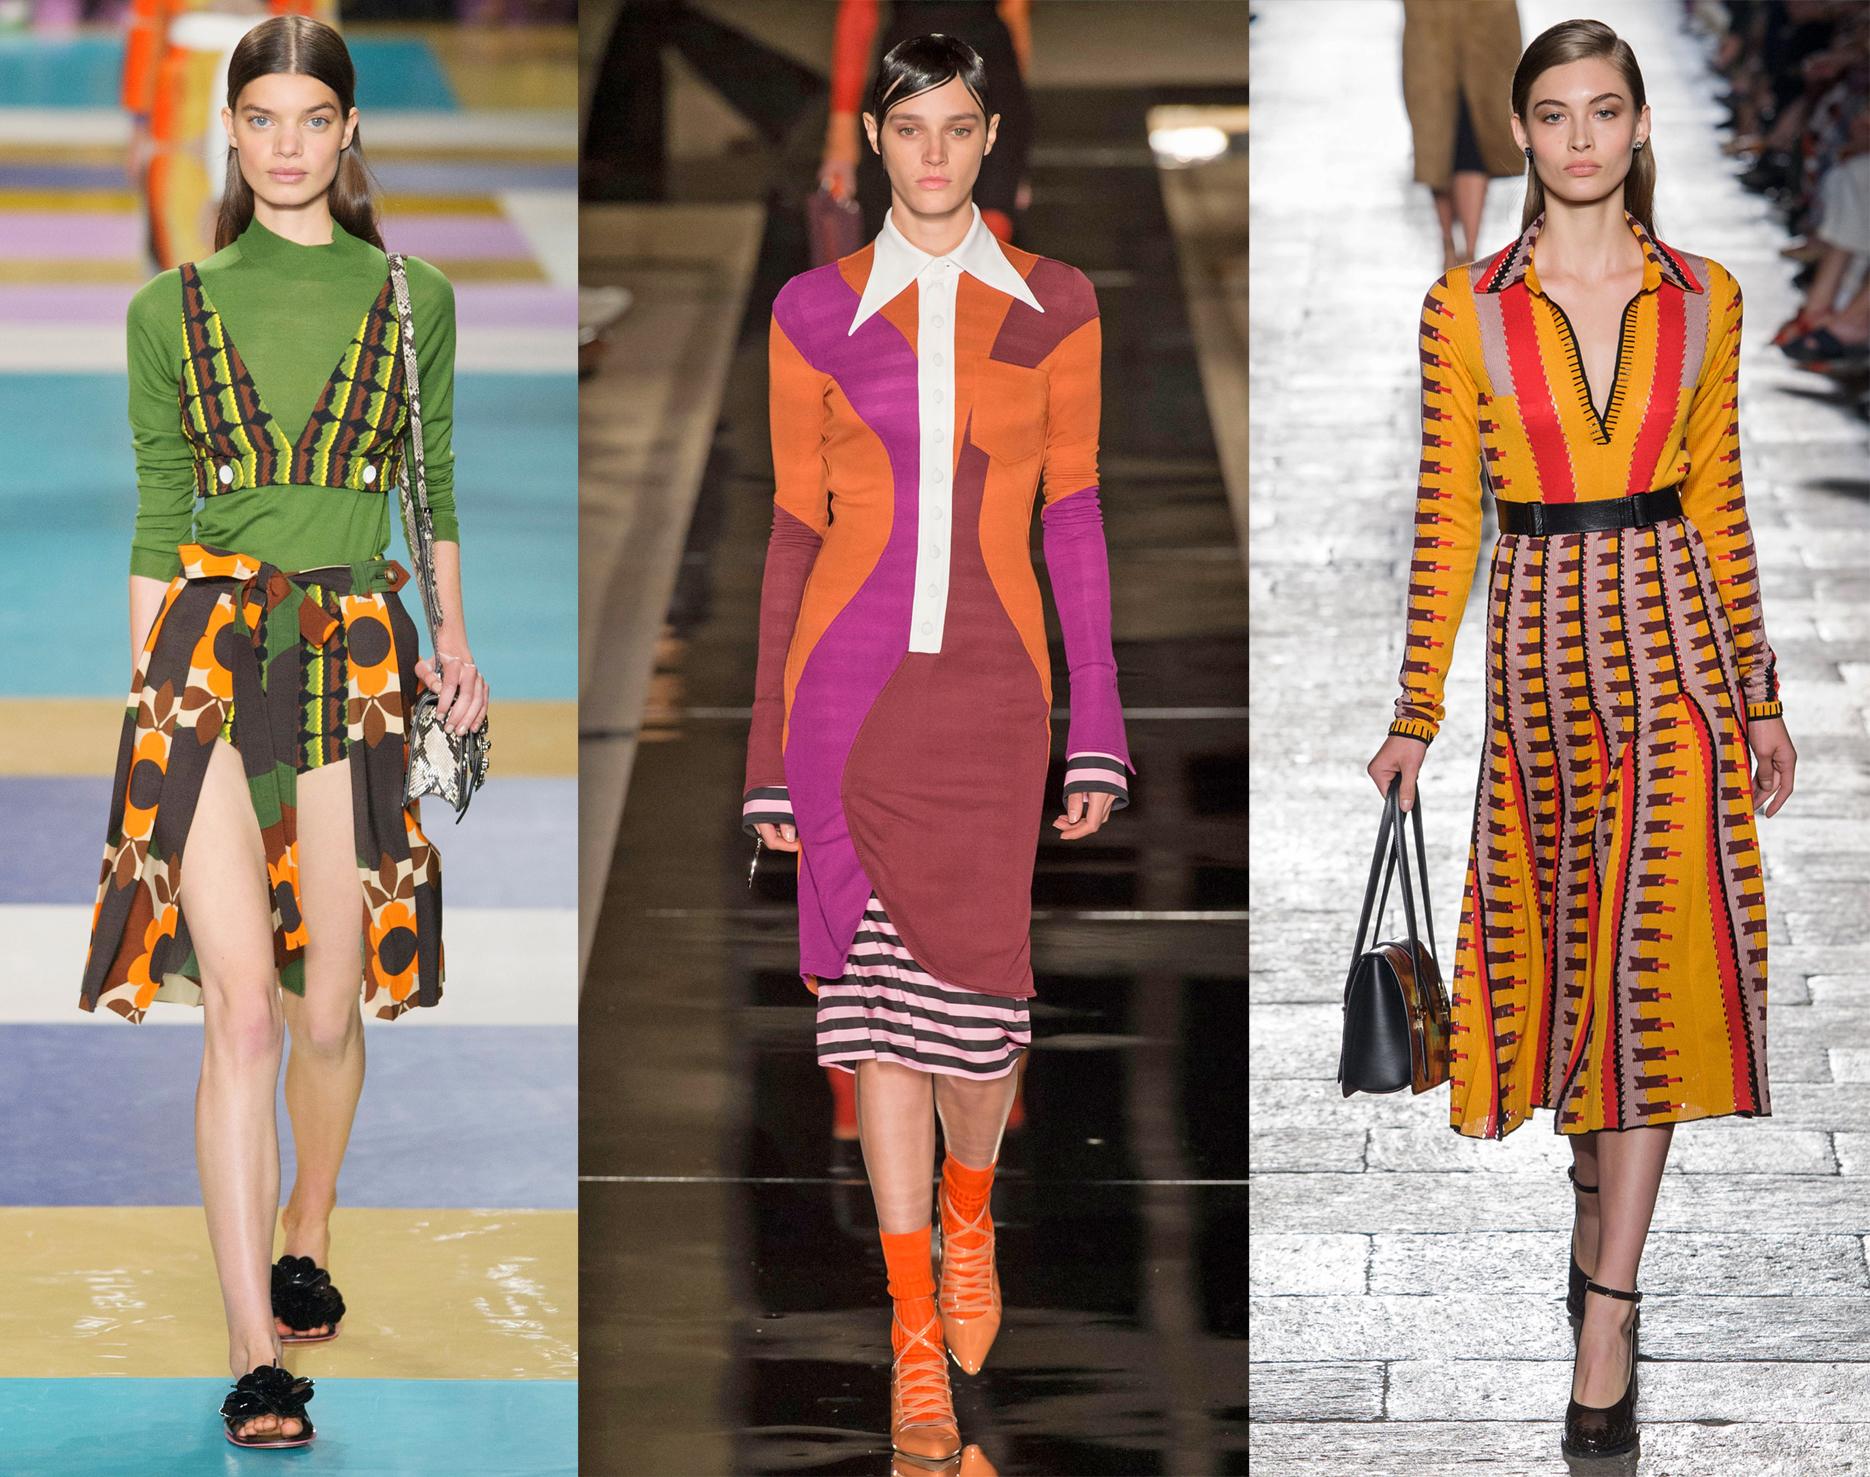 Moda anni 70 le tendenze e i look primavera estate 2017 for Arredamento stile anni 70